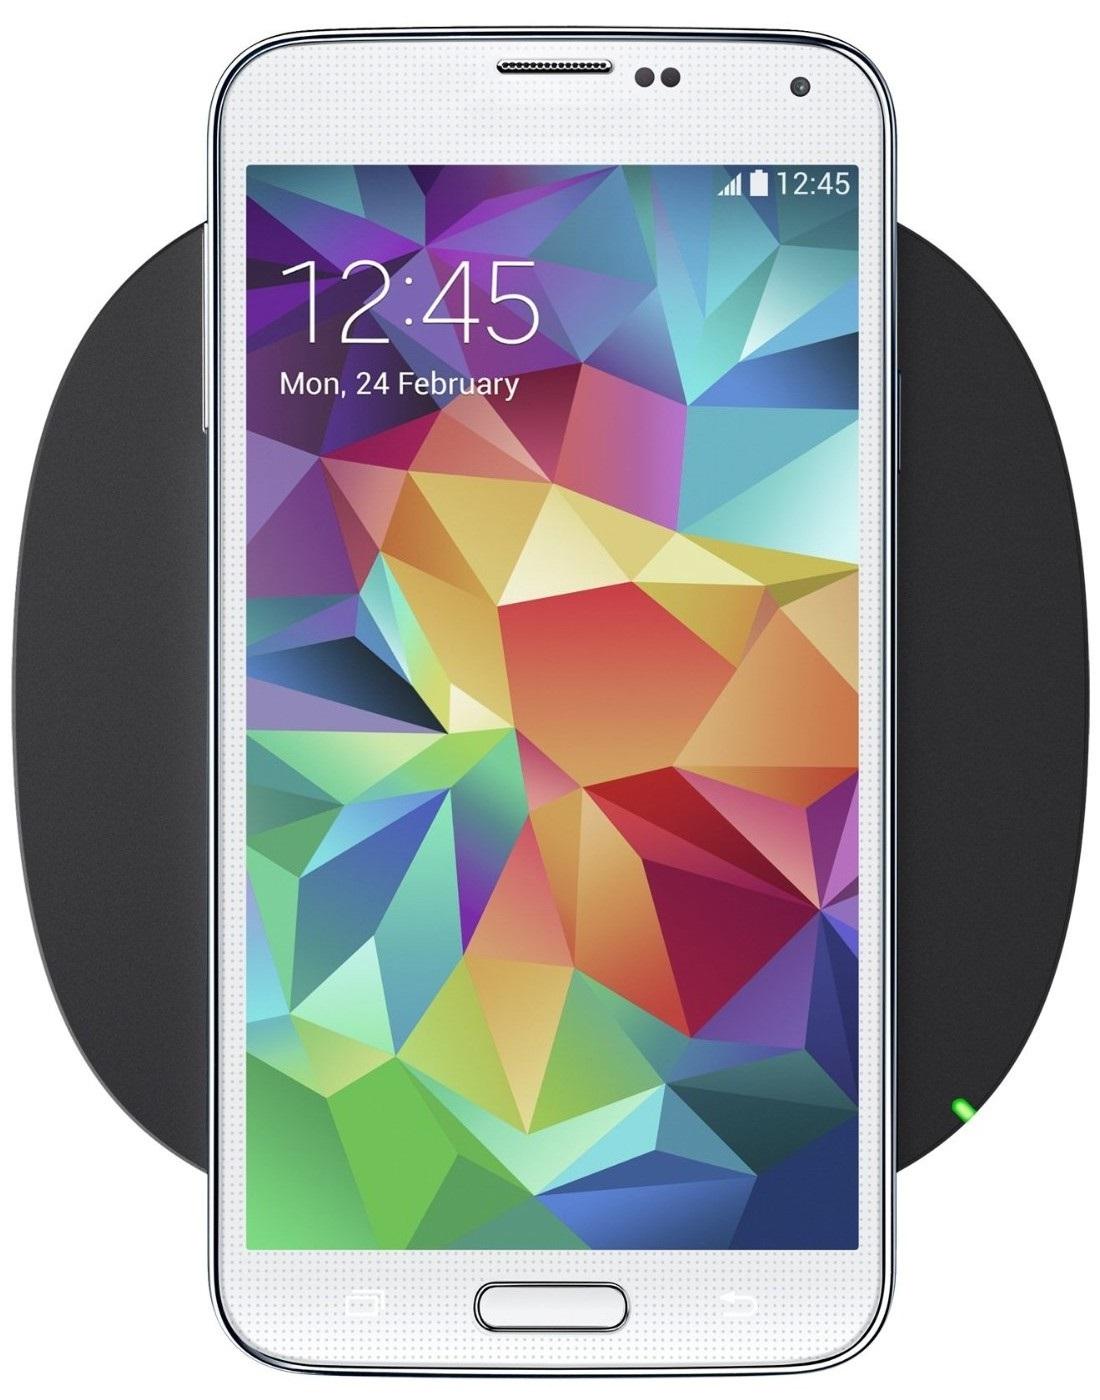 mobilný telefón Bleskurýchla bezdrôtová nabíjačka Belkin Boost Up Qi Bezdrôtové  nabíjanie sa vďaka nabíjacím podložkám štandardu Qi objavuje čím ďalej ... 9bc719b81e2